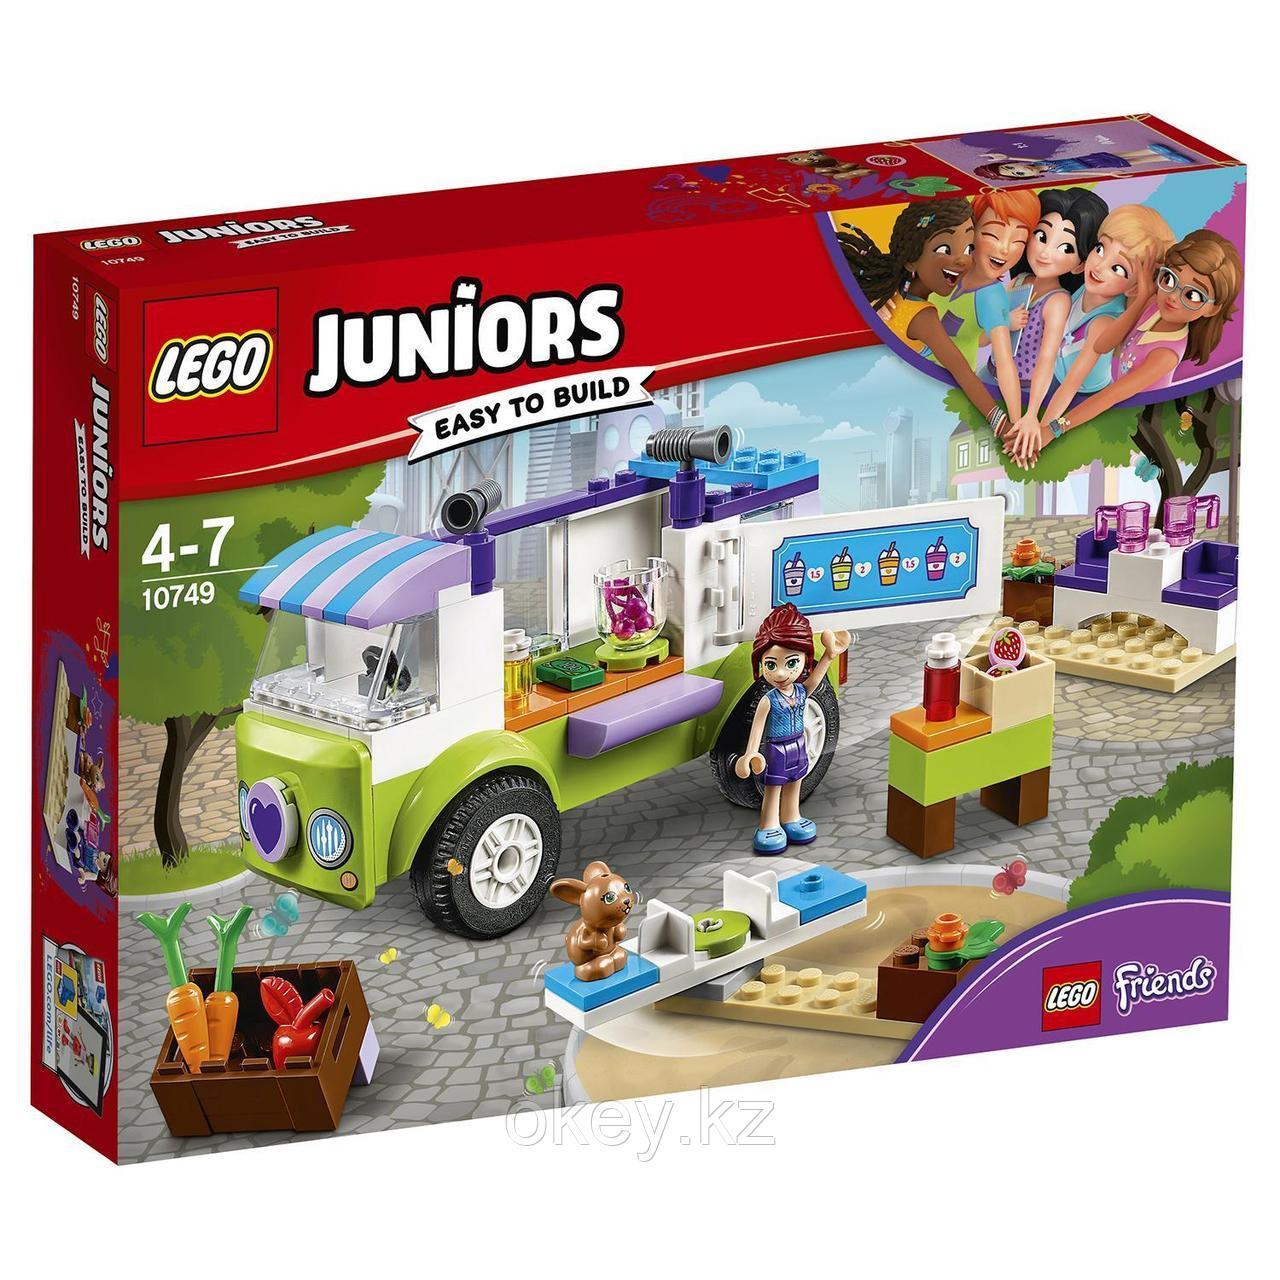 LEGO Juniors: Рынок органических продуктов 10749